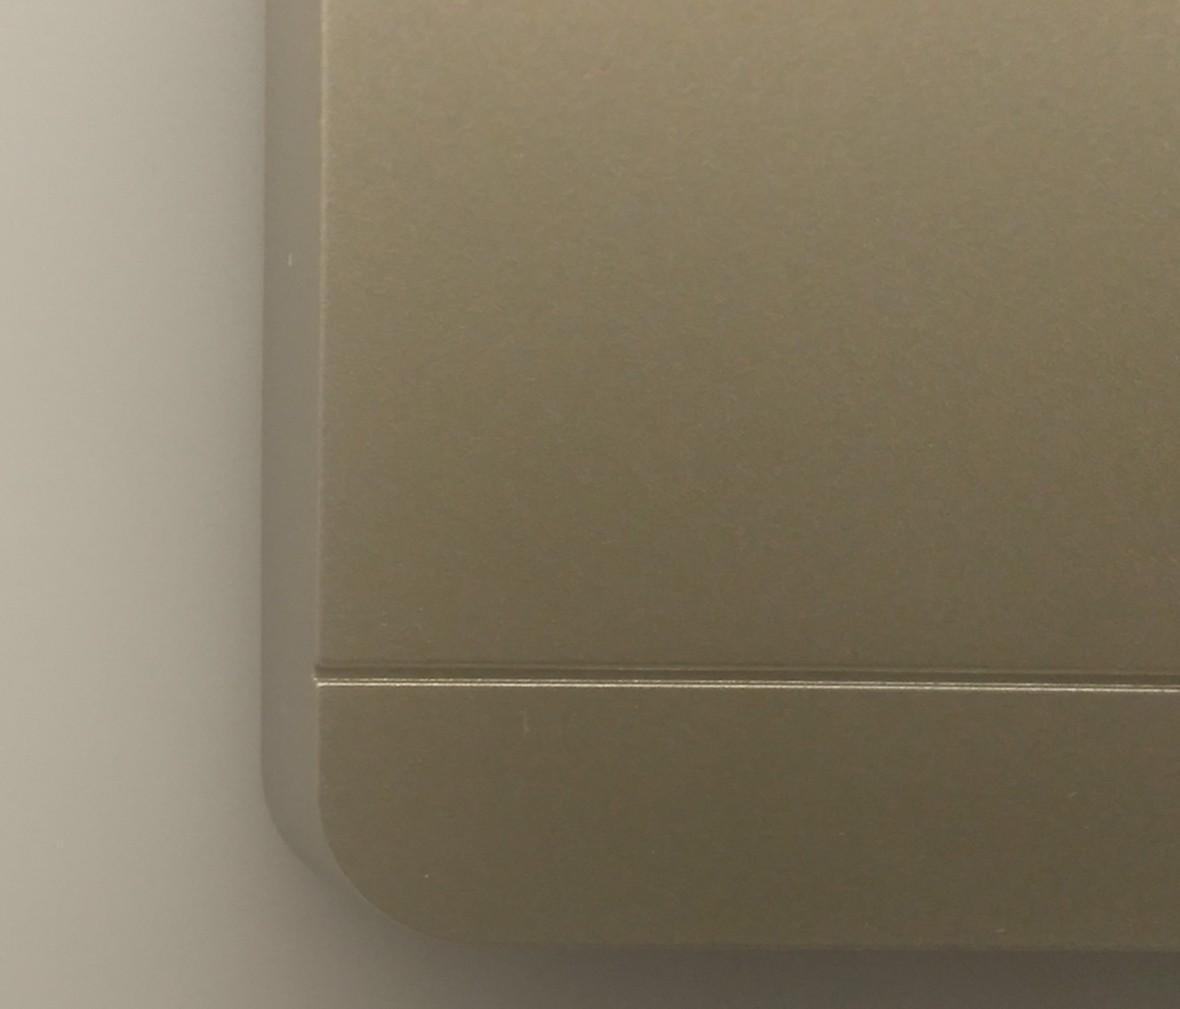 施耐德 蓝韵系列 五孔插座 PC材质 耐高温 防漏电 安全插座 细节